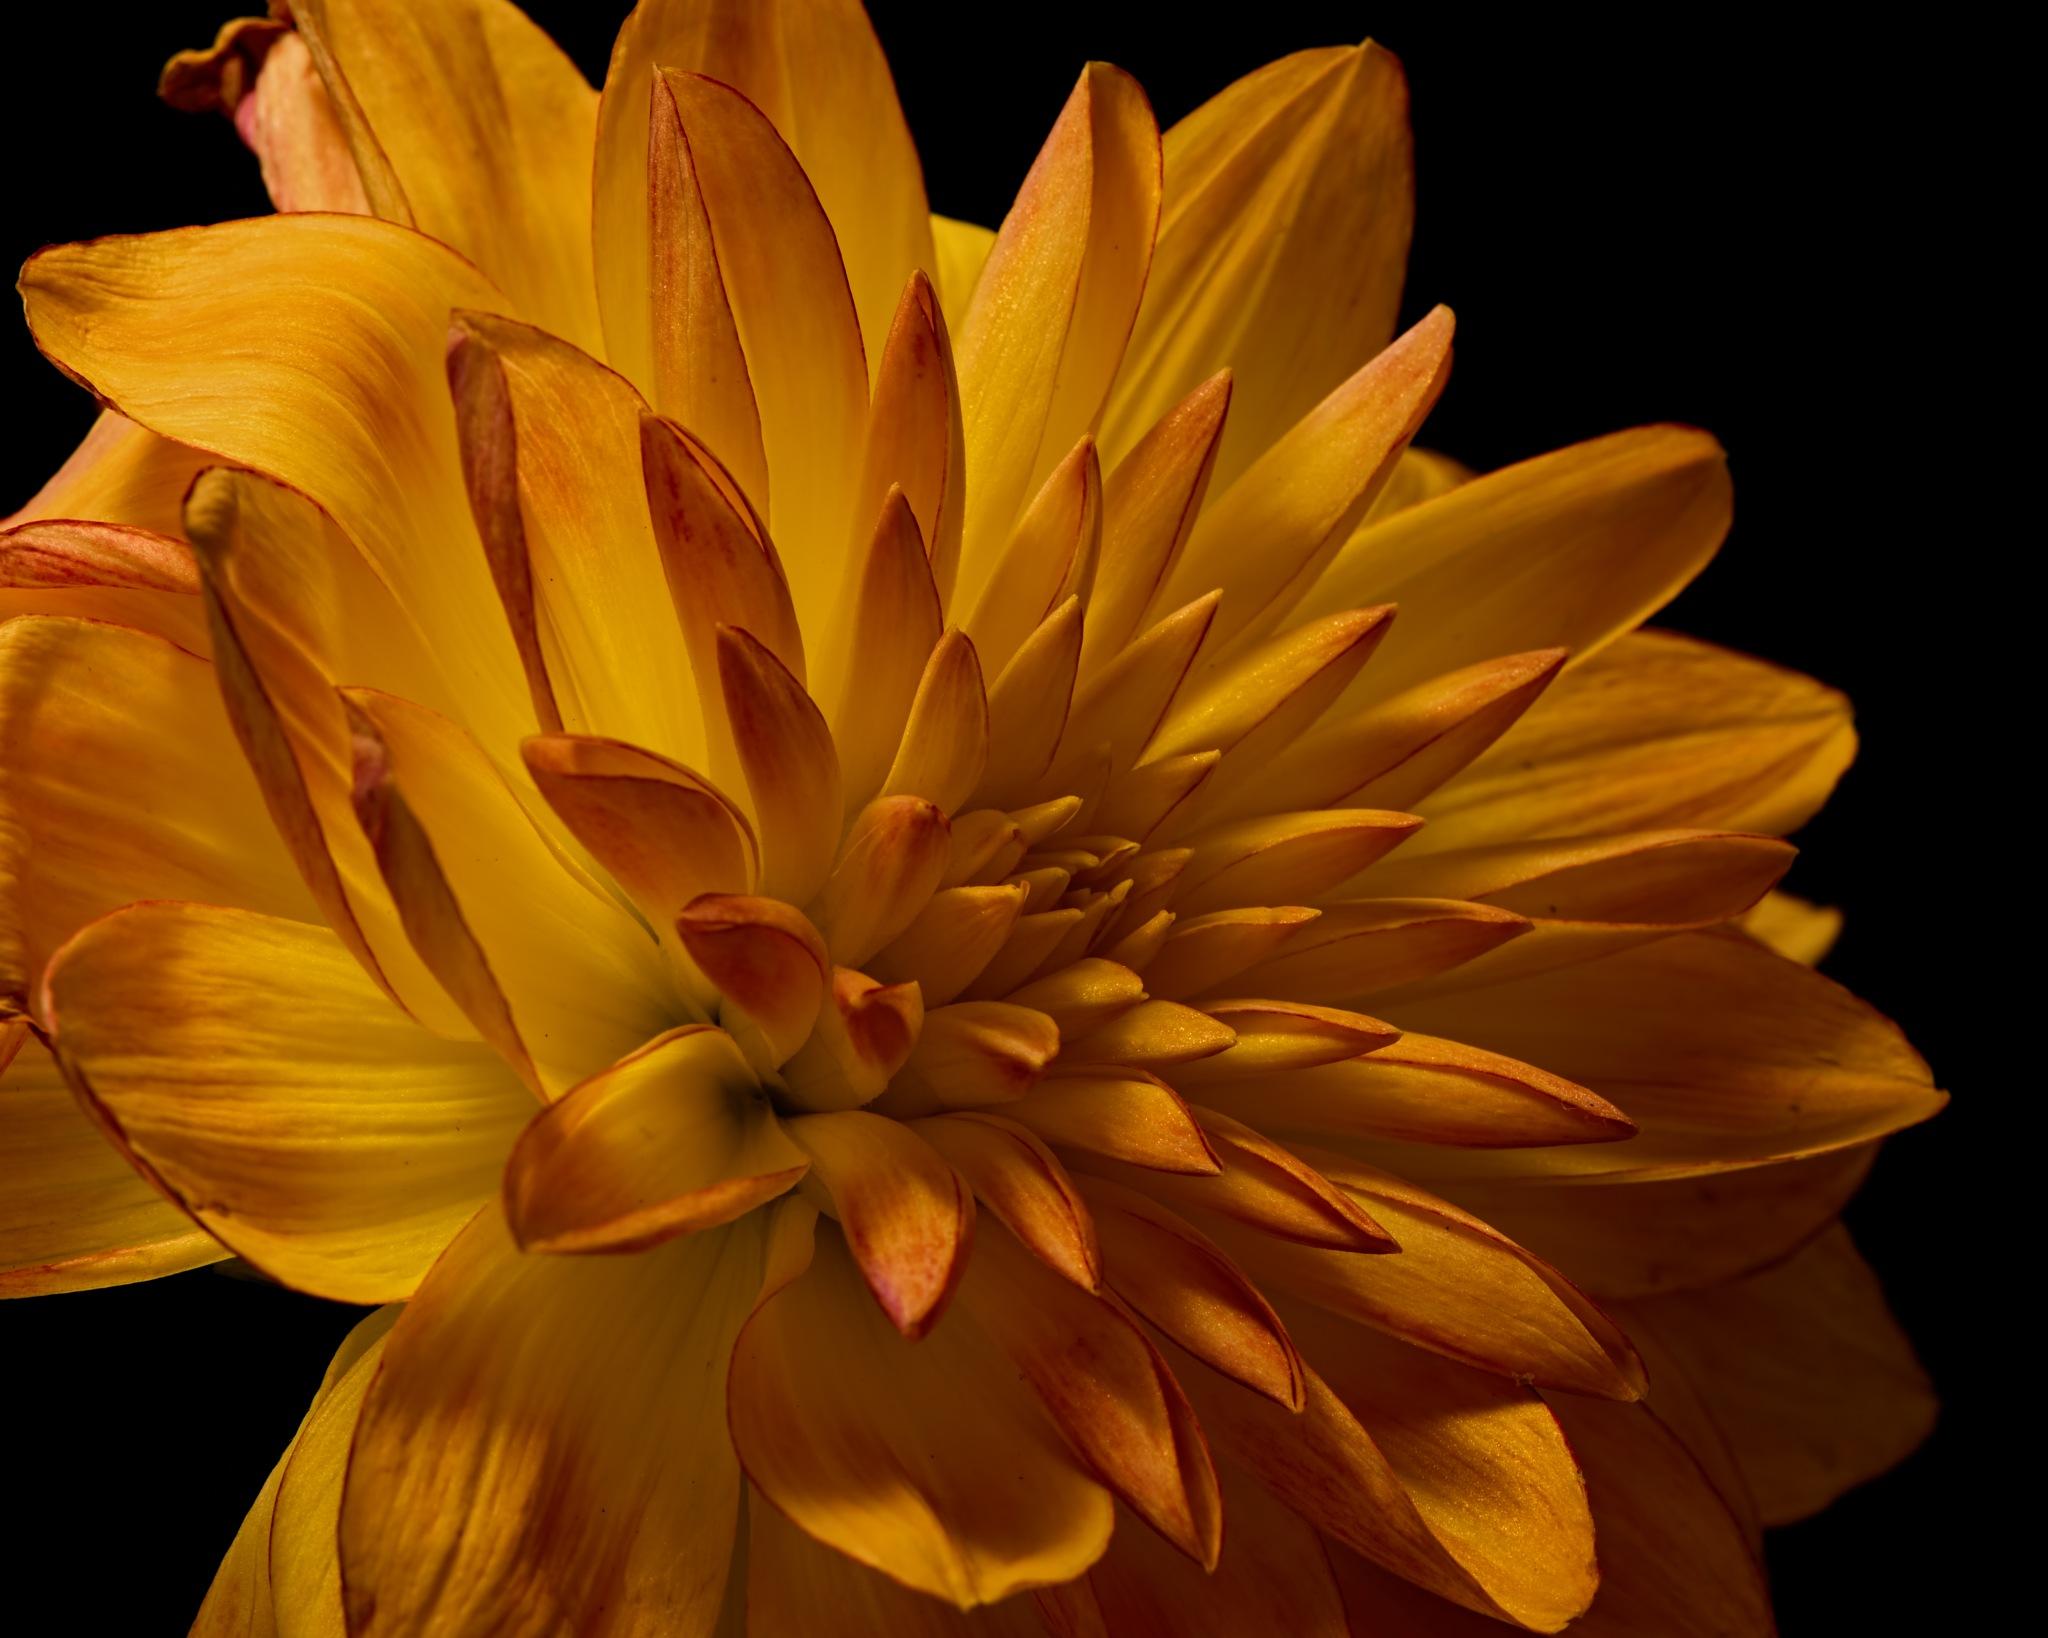 Yellow Fall Dahlia 1021 by ThomasJerger